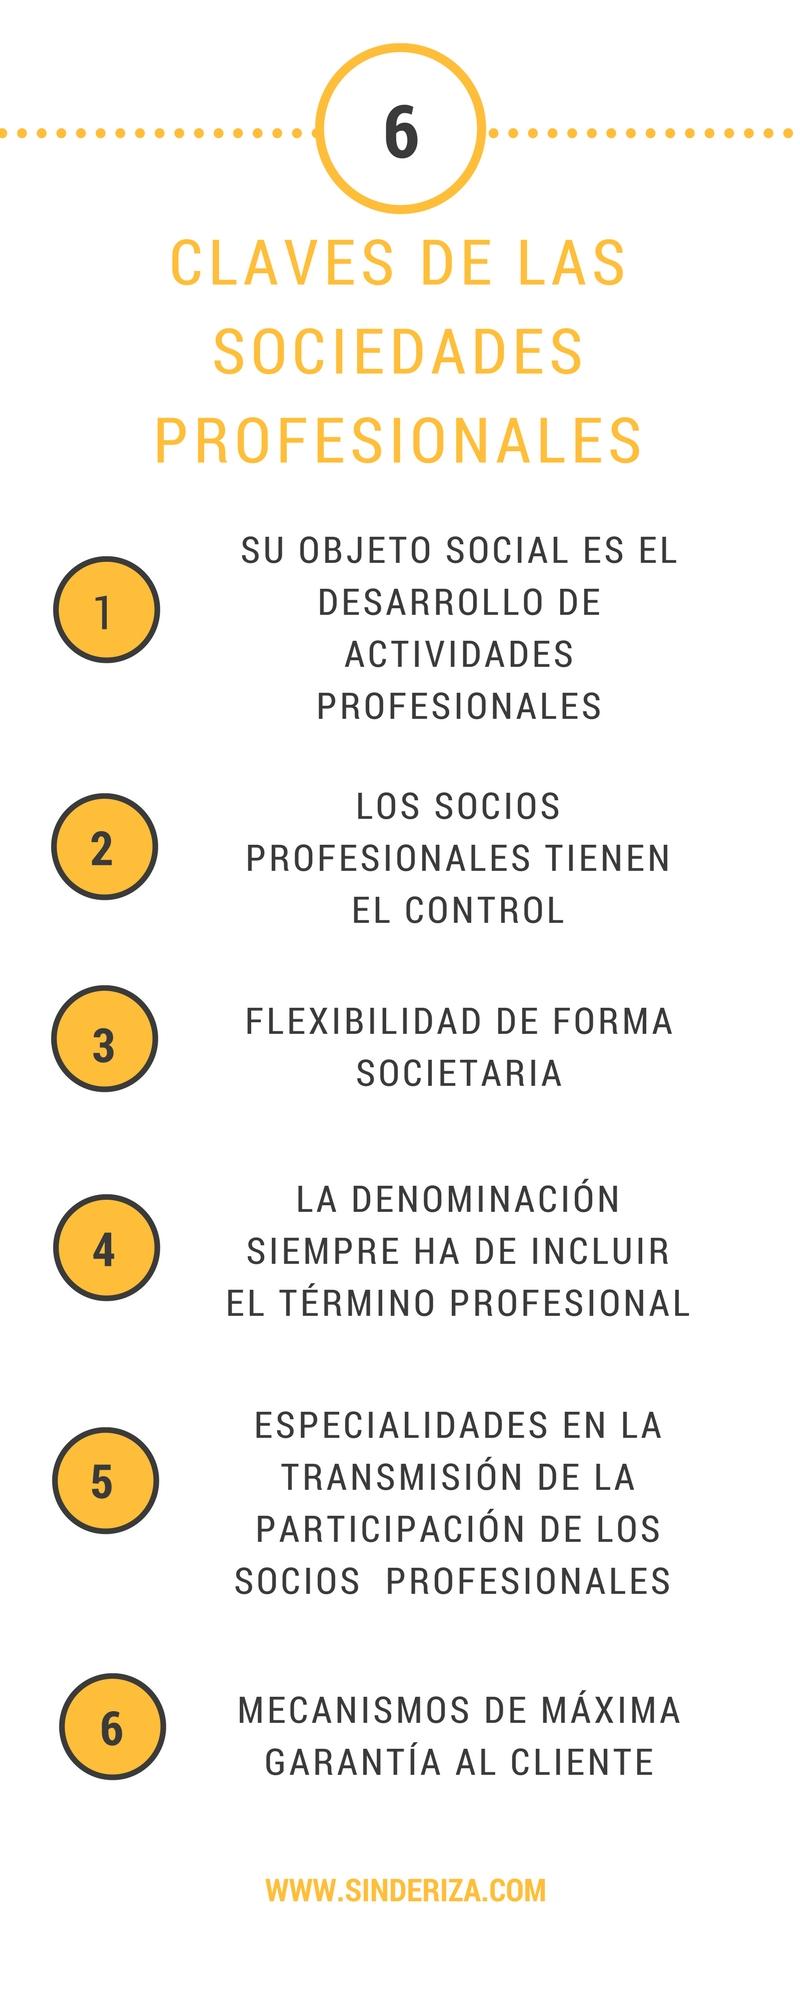 6 puntos claves de las sociedades profesionales